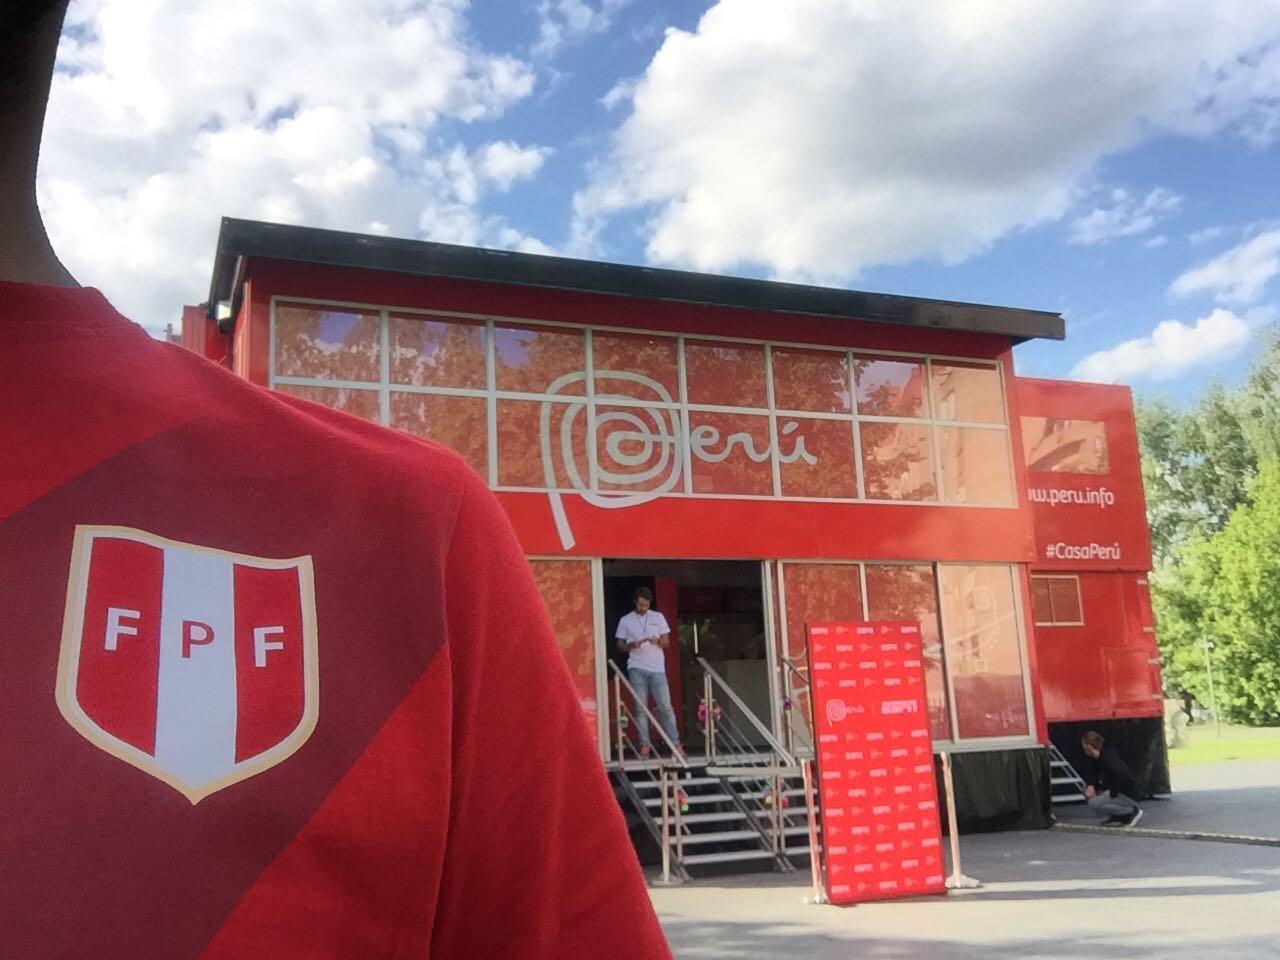 casa peru movil rusia 1 - La apuesta de Marca Perú en el Mundial Rusia 2018